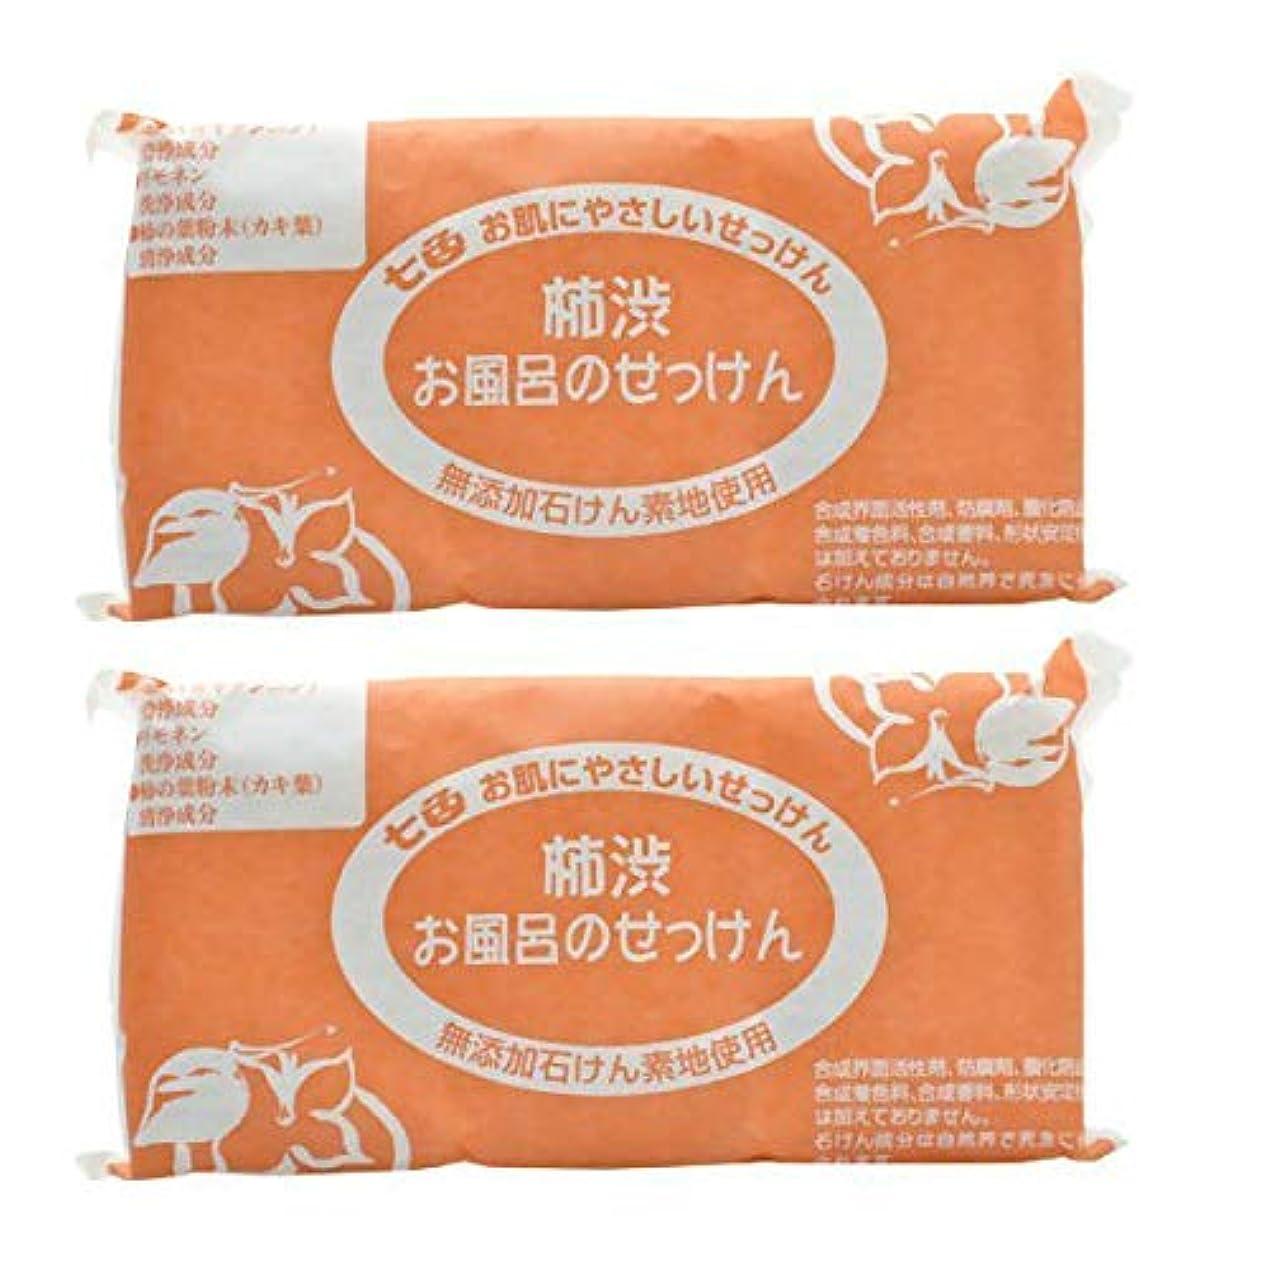 権利を与える保安反応する七色 お風呂のせっけん 柿渋(無添加石鹸) 100g×3個入×2セット